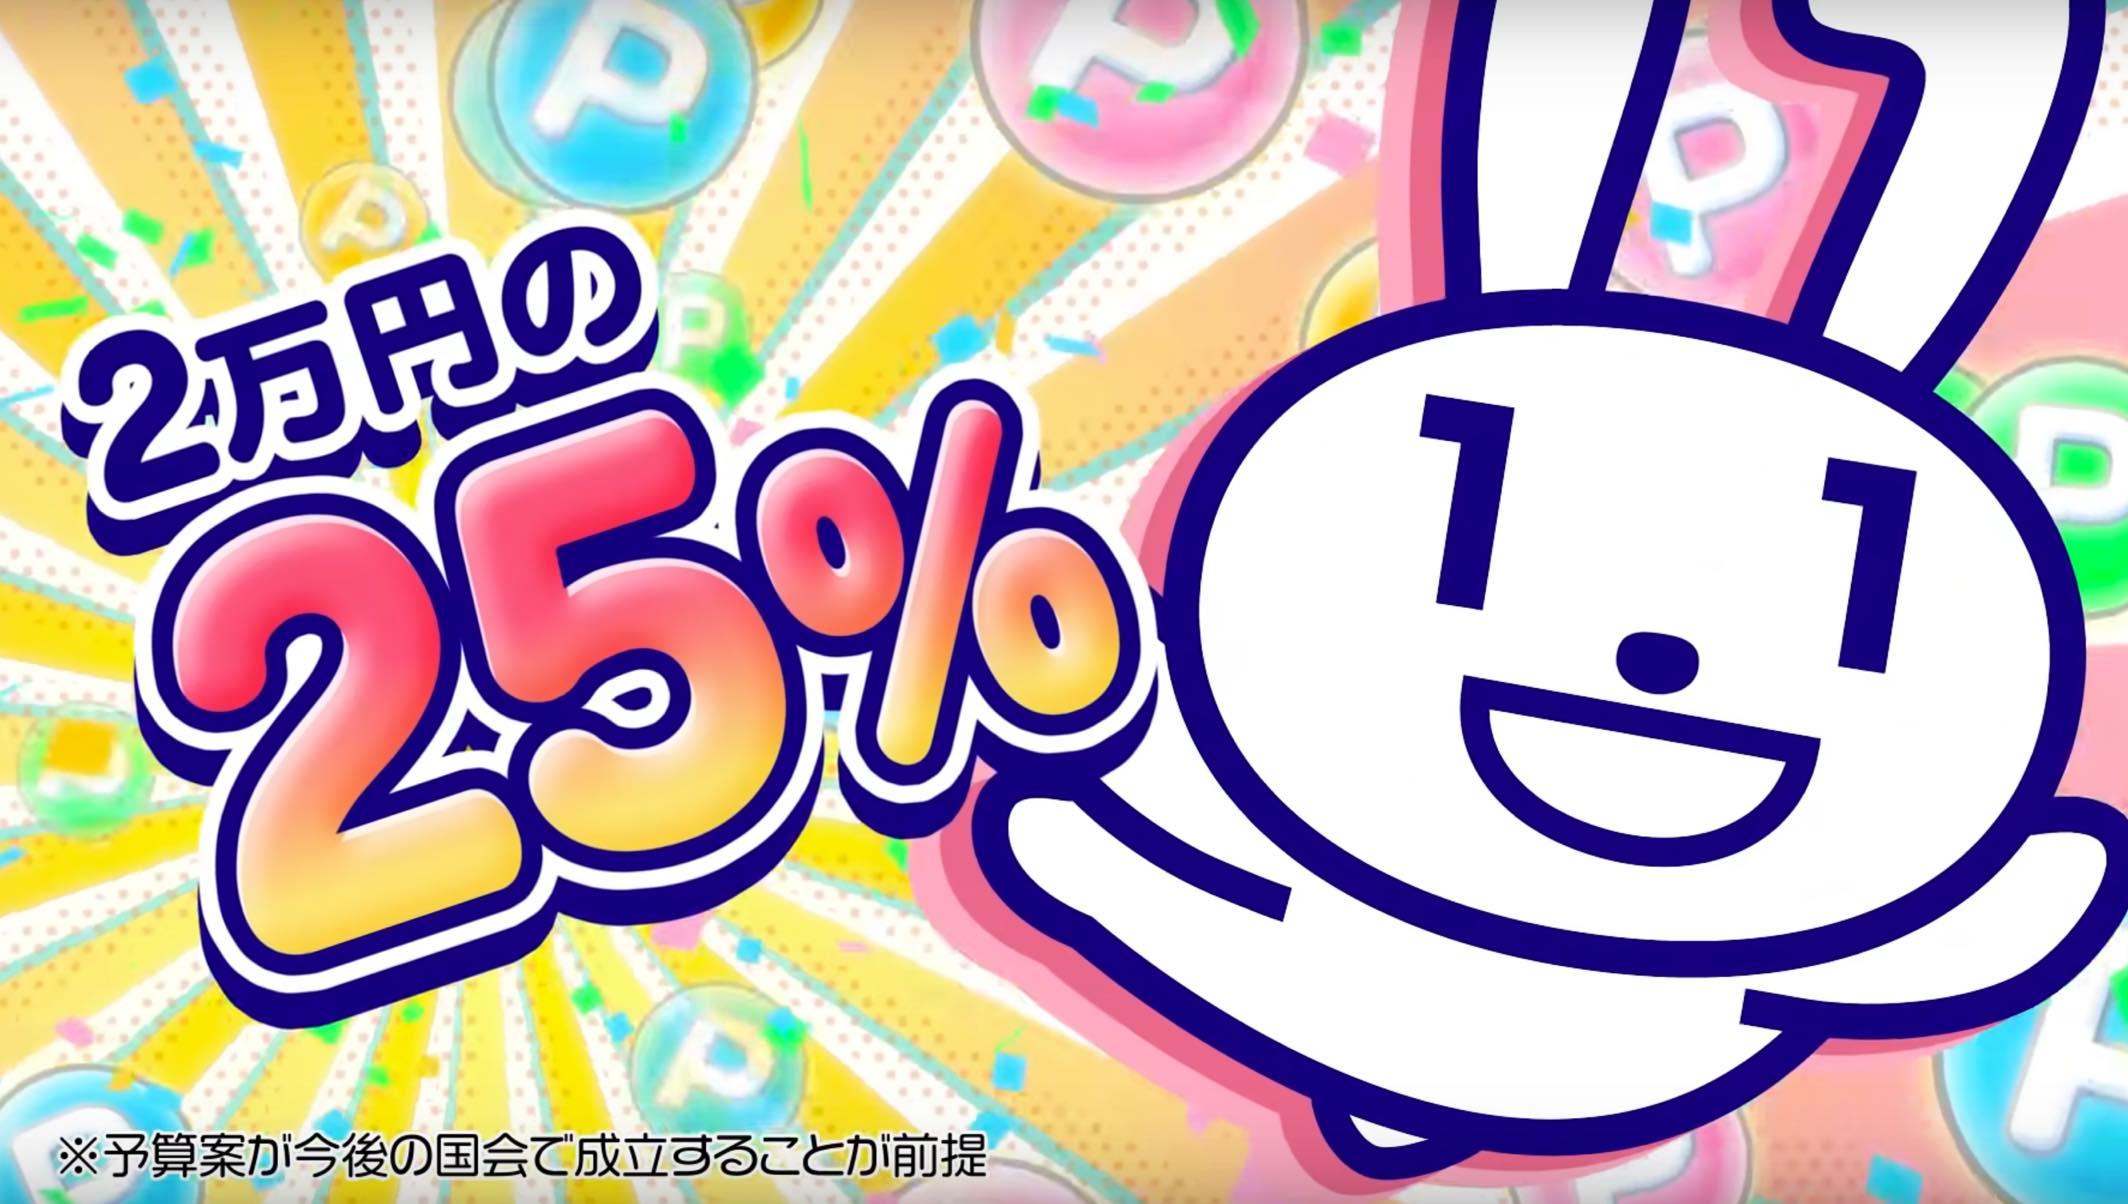 「マイナポイント」の還元上限は2万円の25%